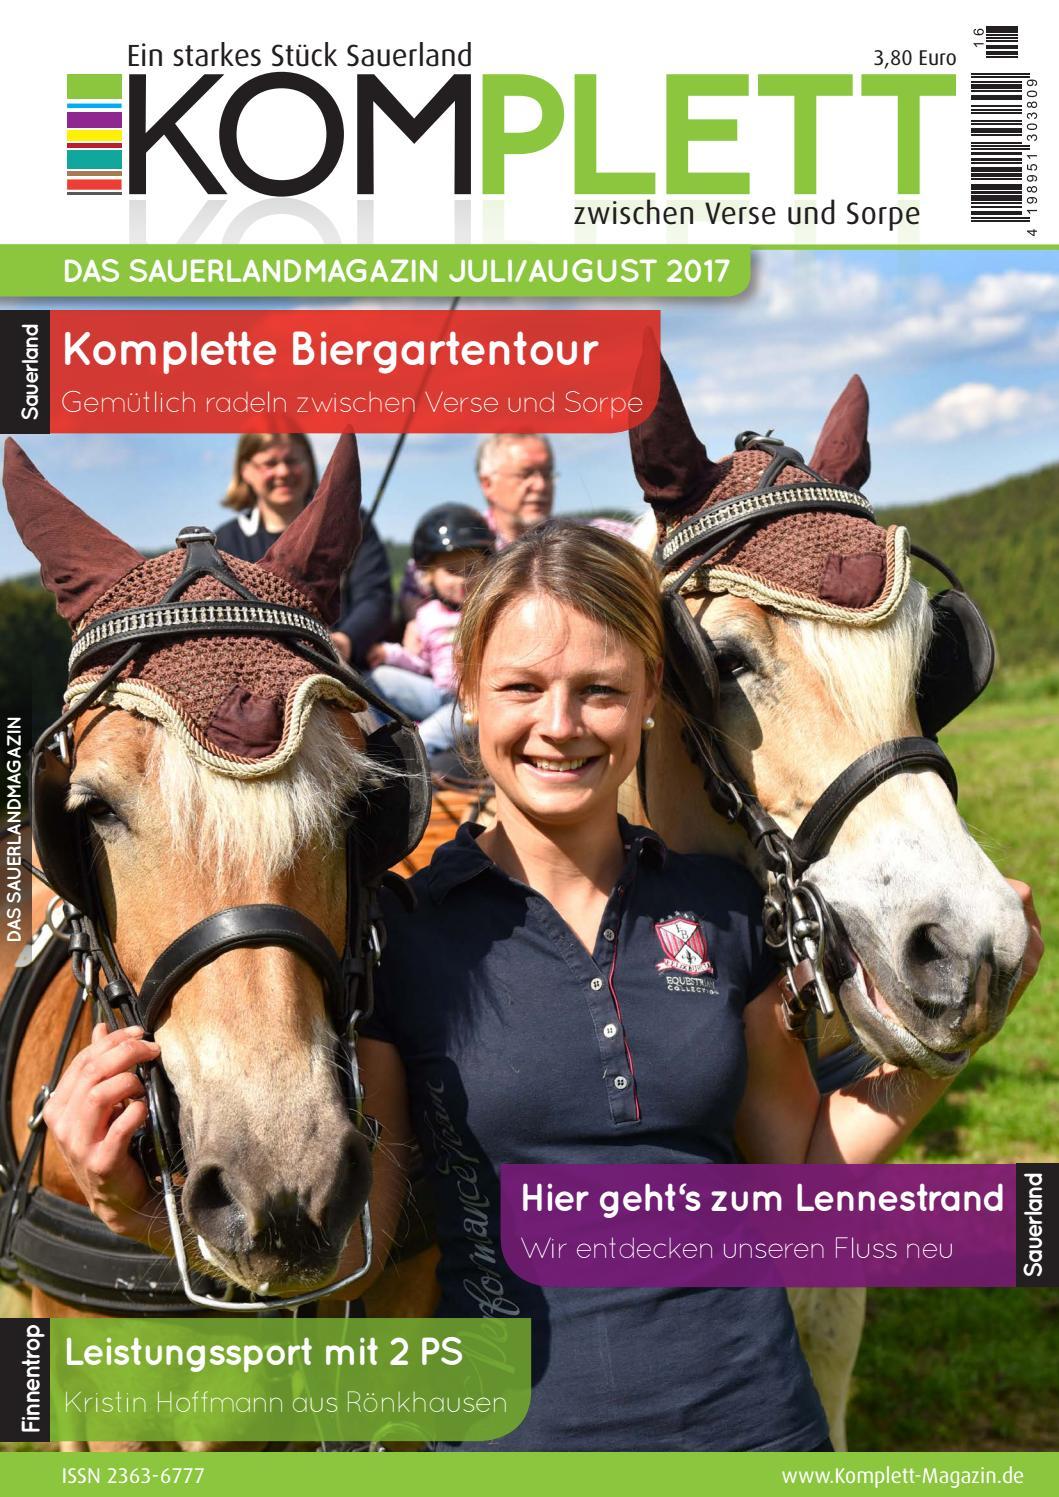 Komplett Das Sauerlandmagazin - die komplette Ausgabe Juli/August ...